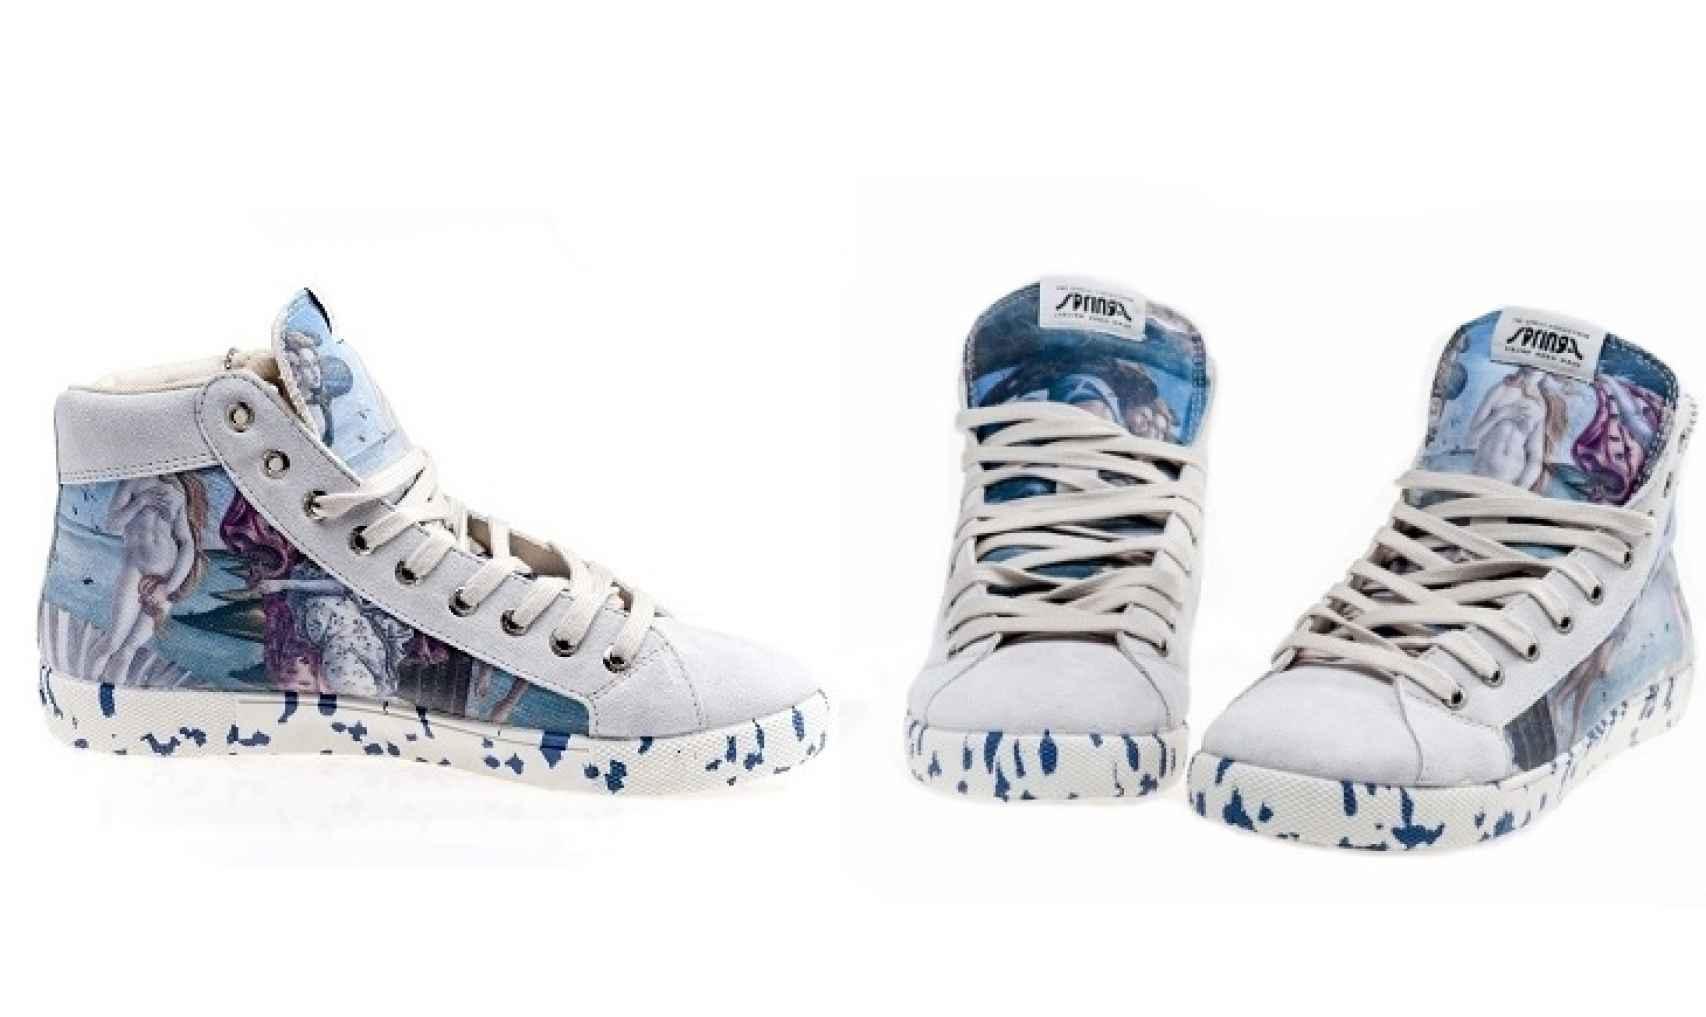 Por 115 euros estas zapatillas de diosa son tuyas. En los Uffizi.